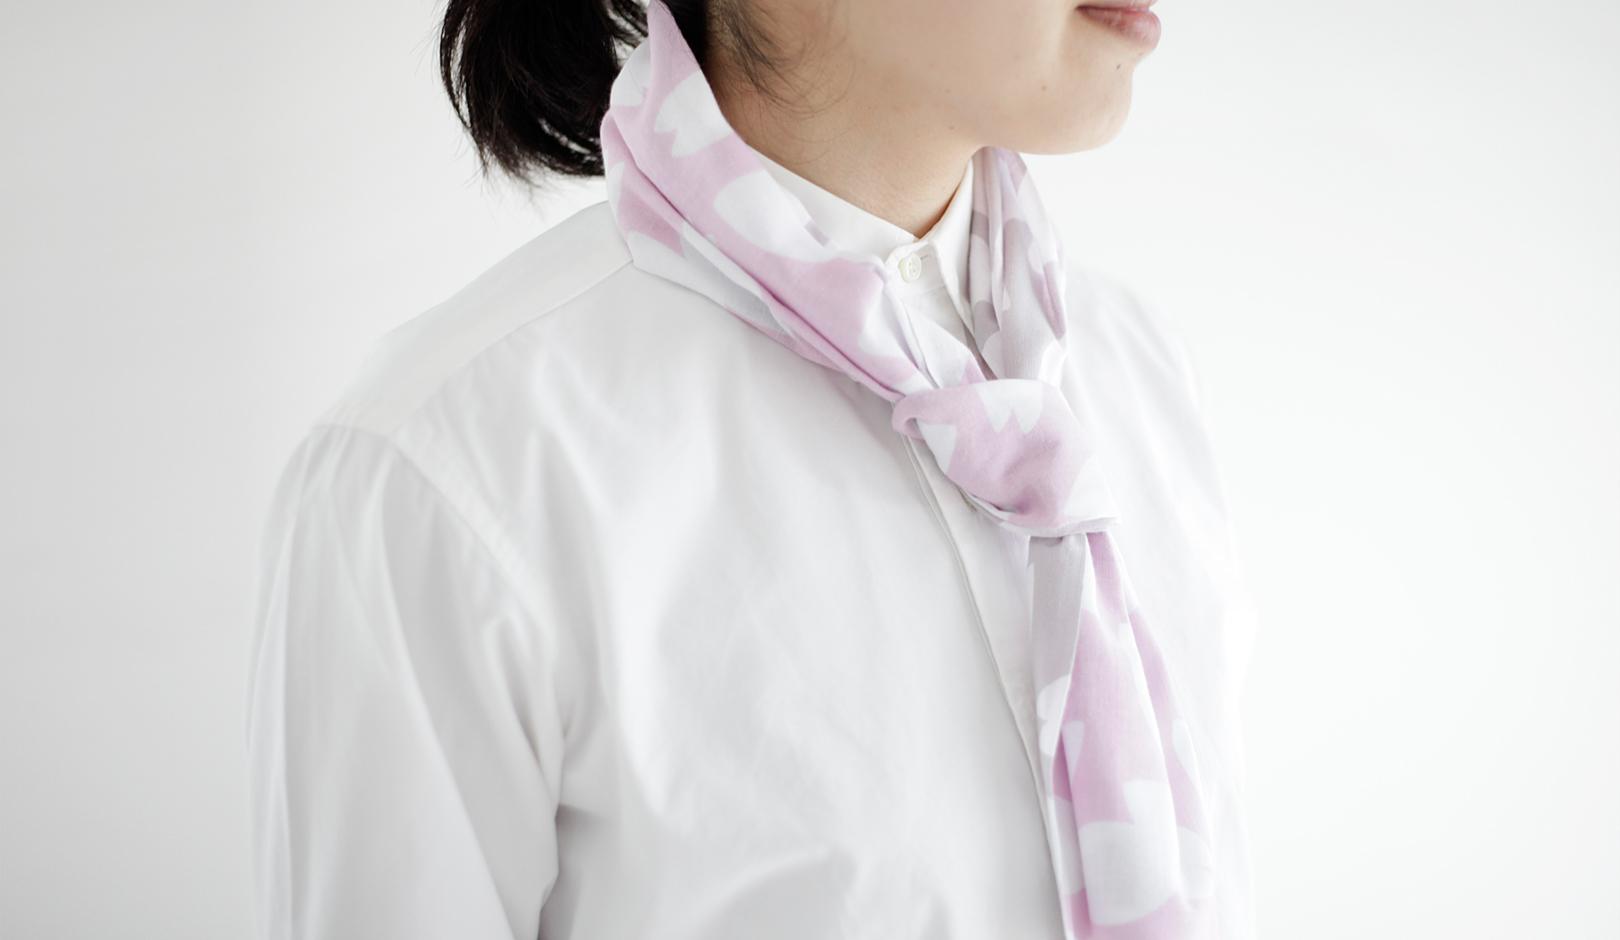 桜時 - Sakura-doki